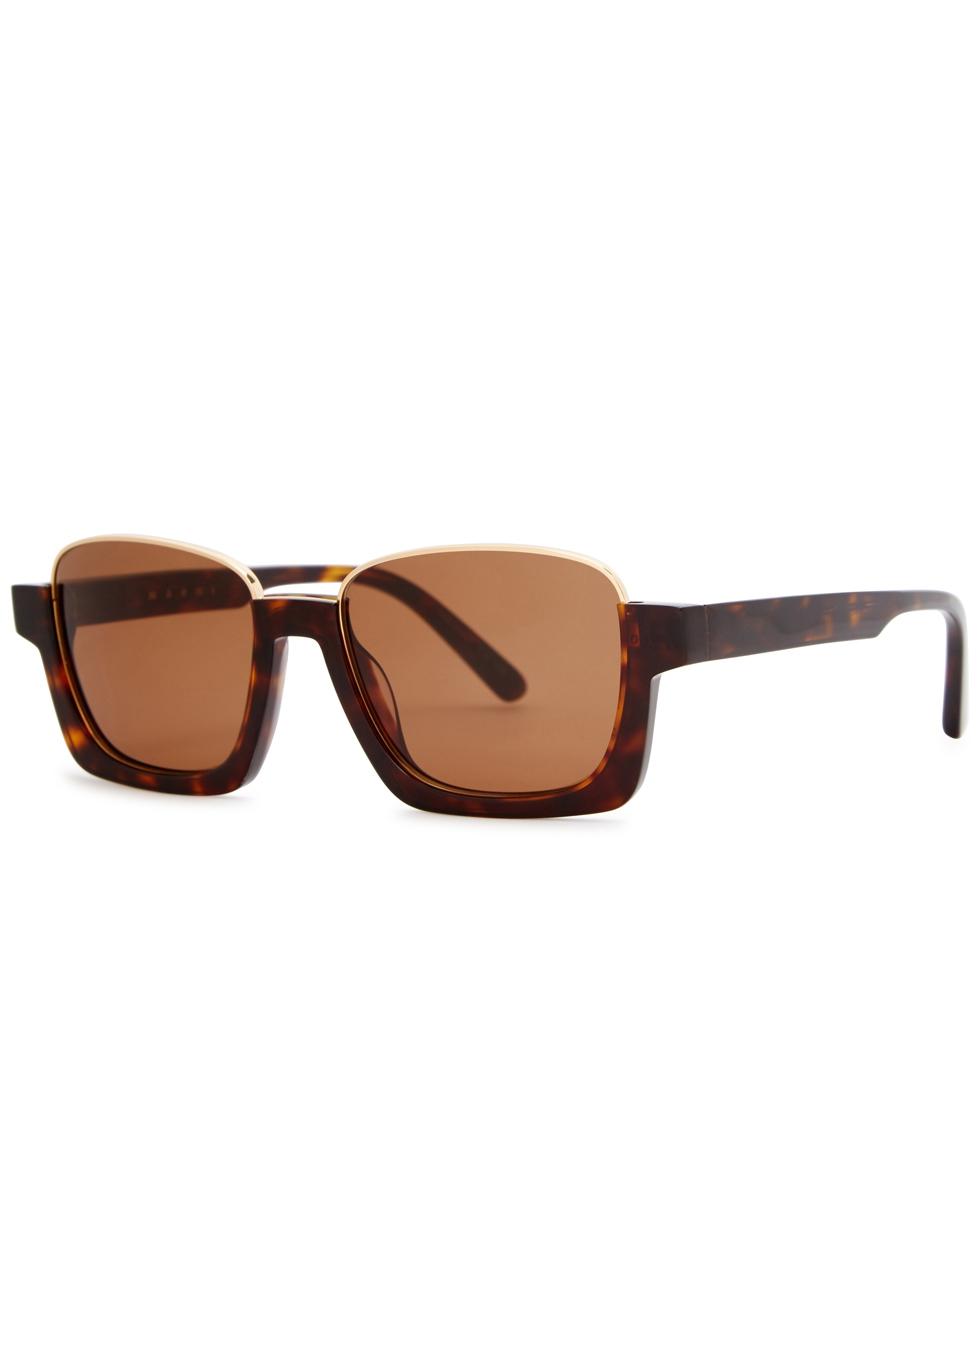 Tortoiseshell square-frame sunglasses - Marni